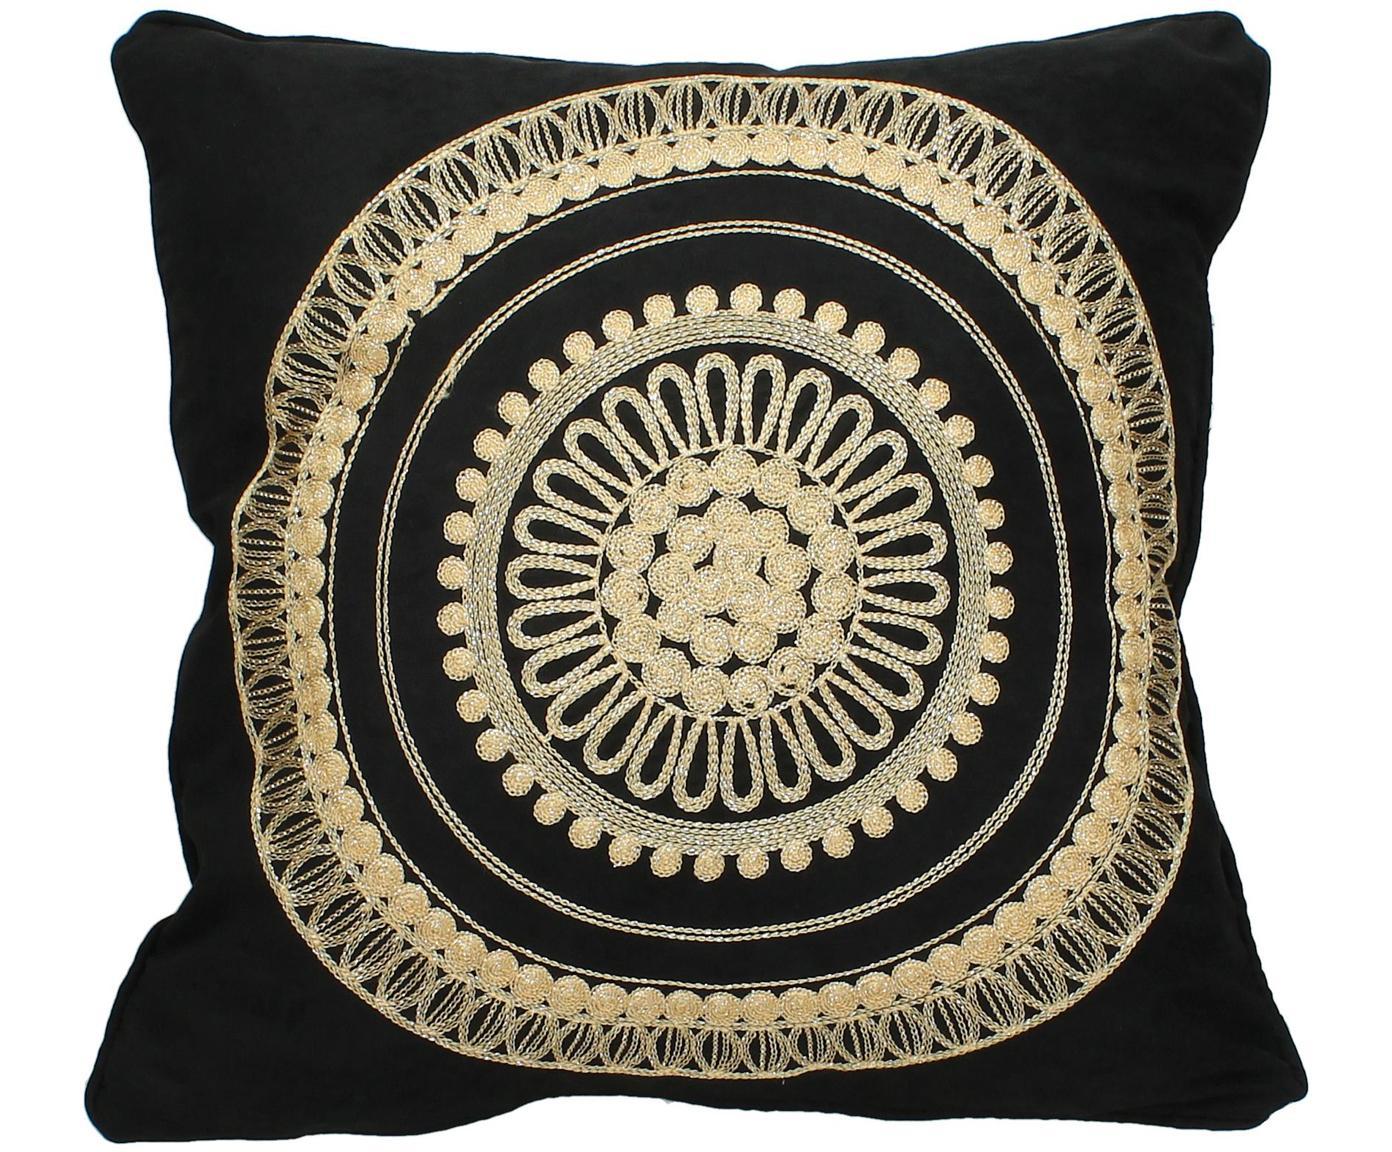 Poduskza z haftem Tina, 80% bawełna, 20% poliester, Czarny, beżowy, S 45 x D 45 cm